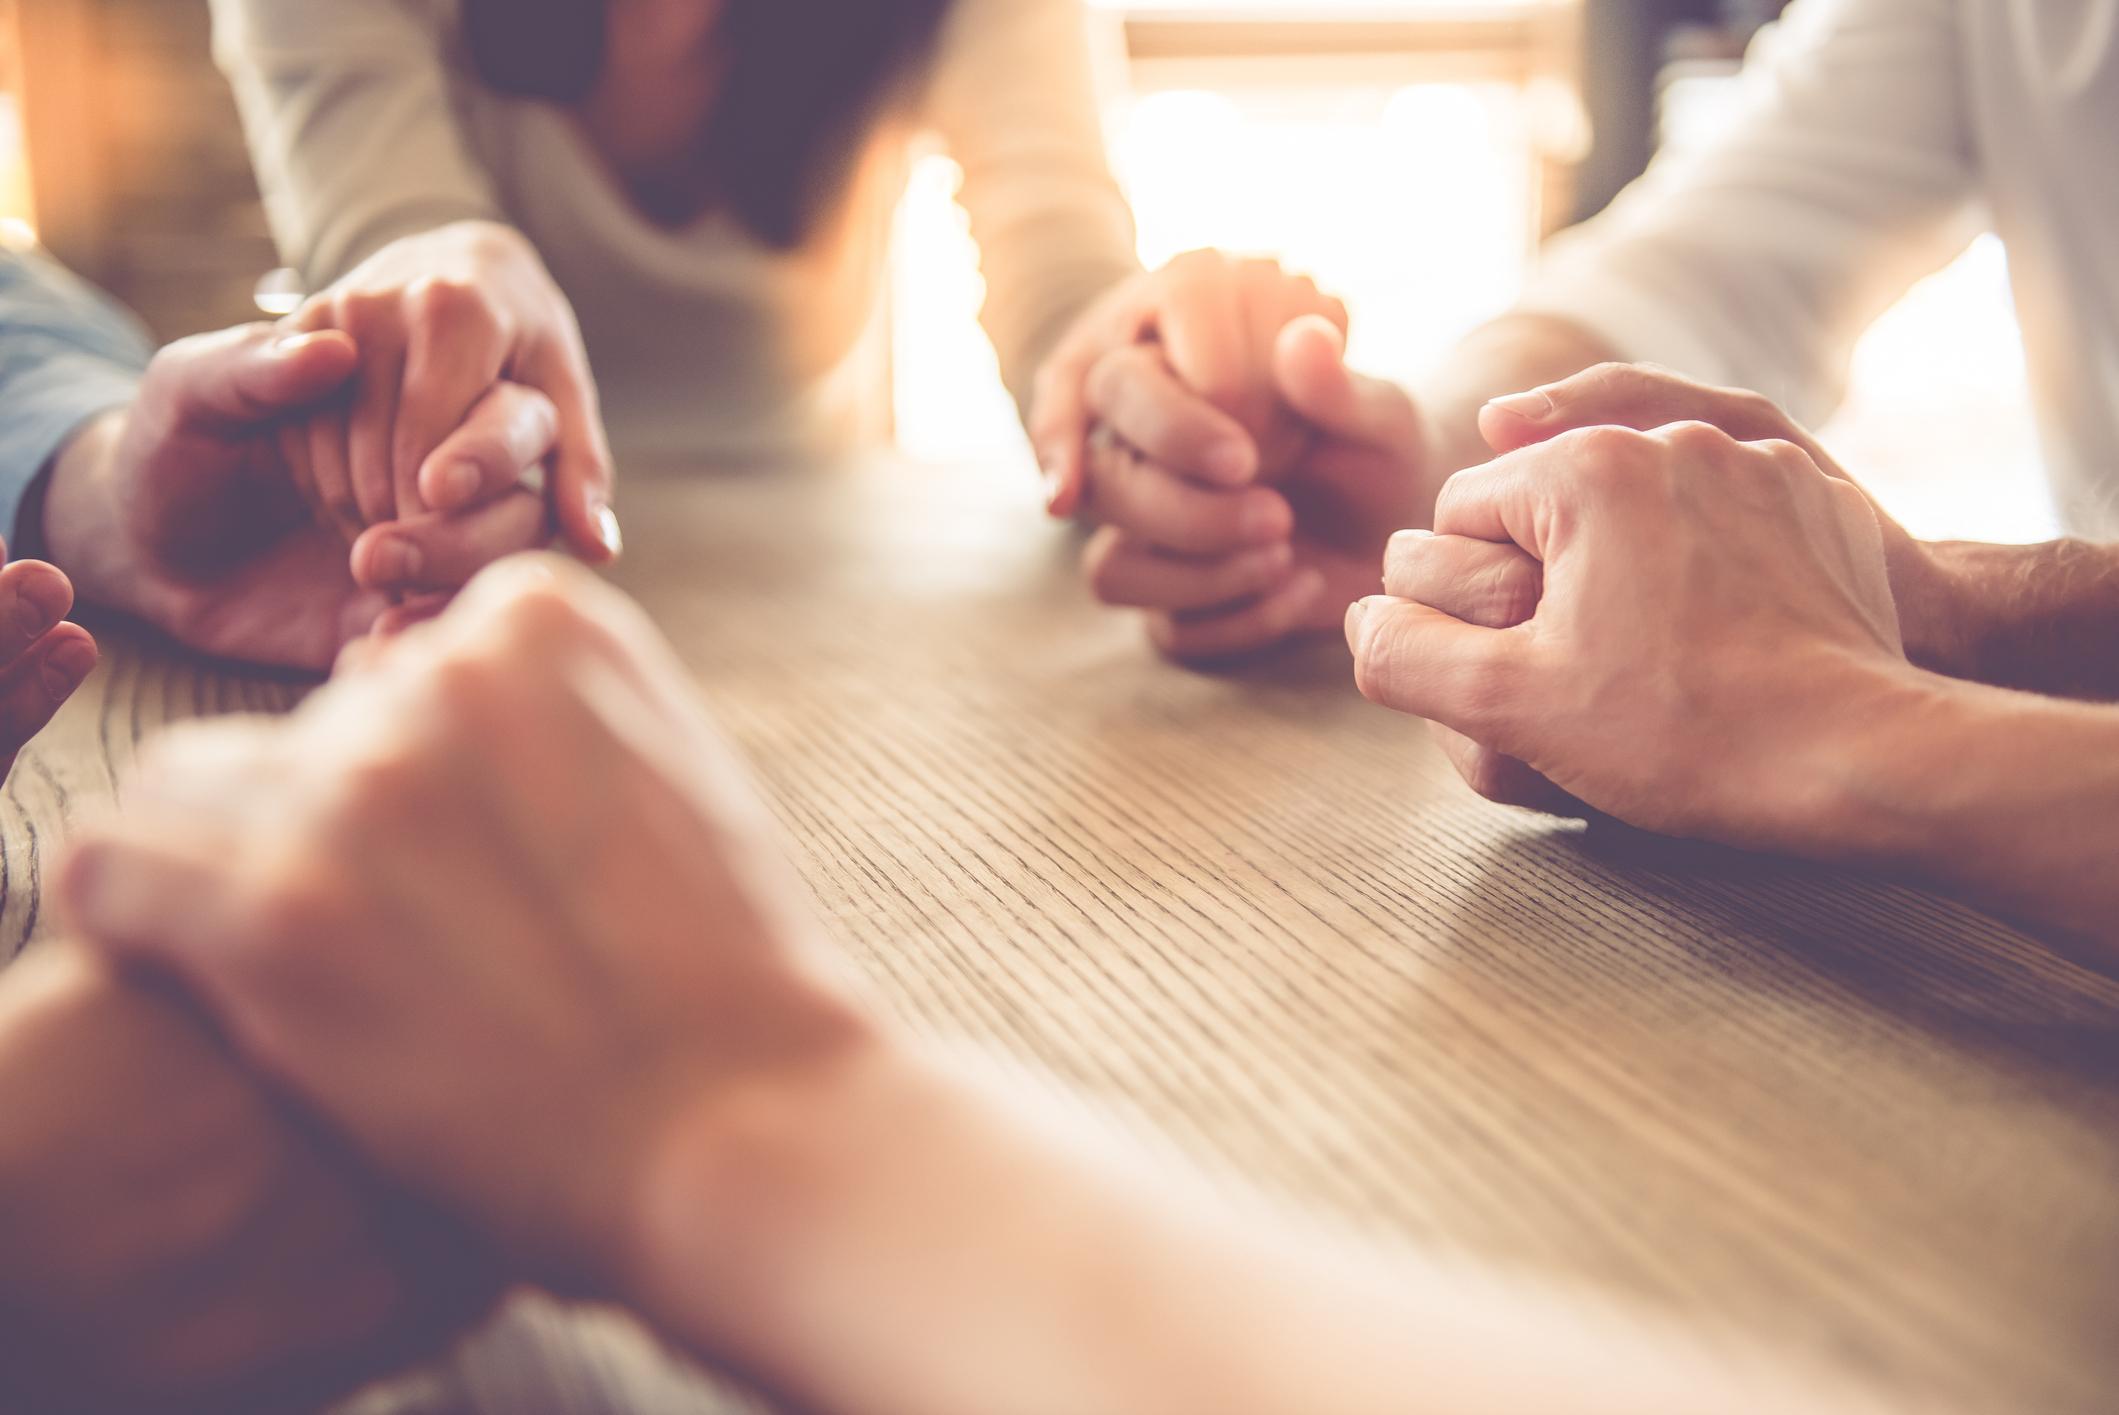 Deuxième jour: 2 - Une séance groupal pour échanger.Nous travaillerons sur votre zone de confort et essaierons de vous aider à en sortir pour ensuite vous guider délicatement vers vos objectifs pour les six prochains mois. Les discussions groupales vous permettront d'échanger. Votre coach vous guidera à travers les obstacles qui pourraient surgir lors de ces discussions pour vous aider à vous comprendre et vous amener à sentir que vous avez toutes les ressources dont vous avez besoin en vous.